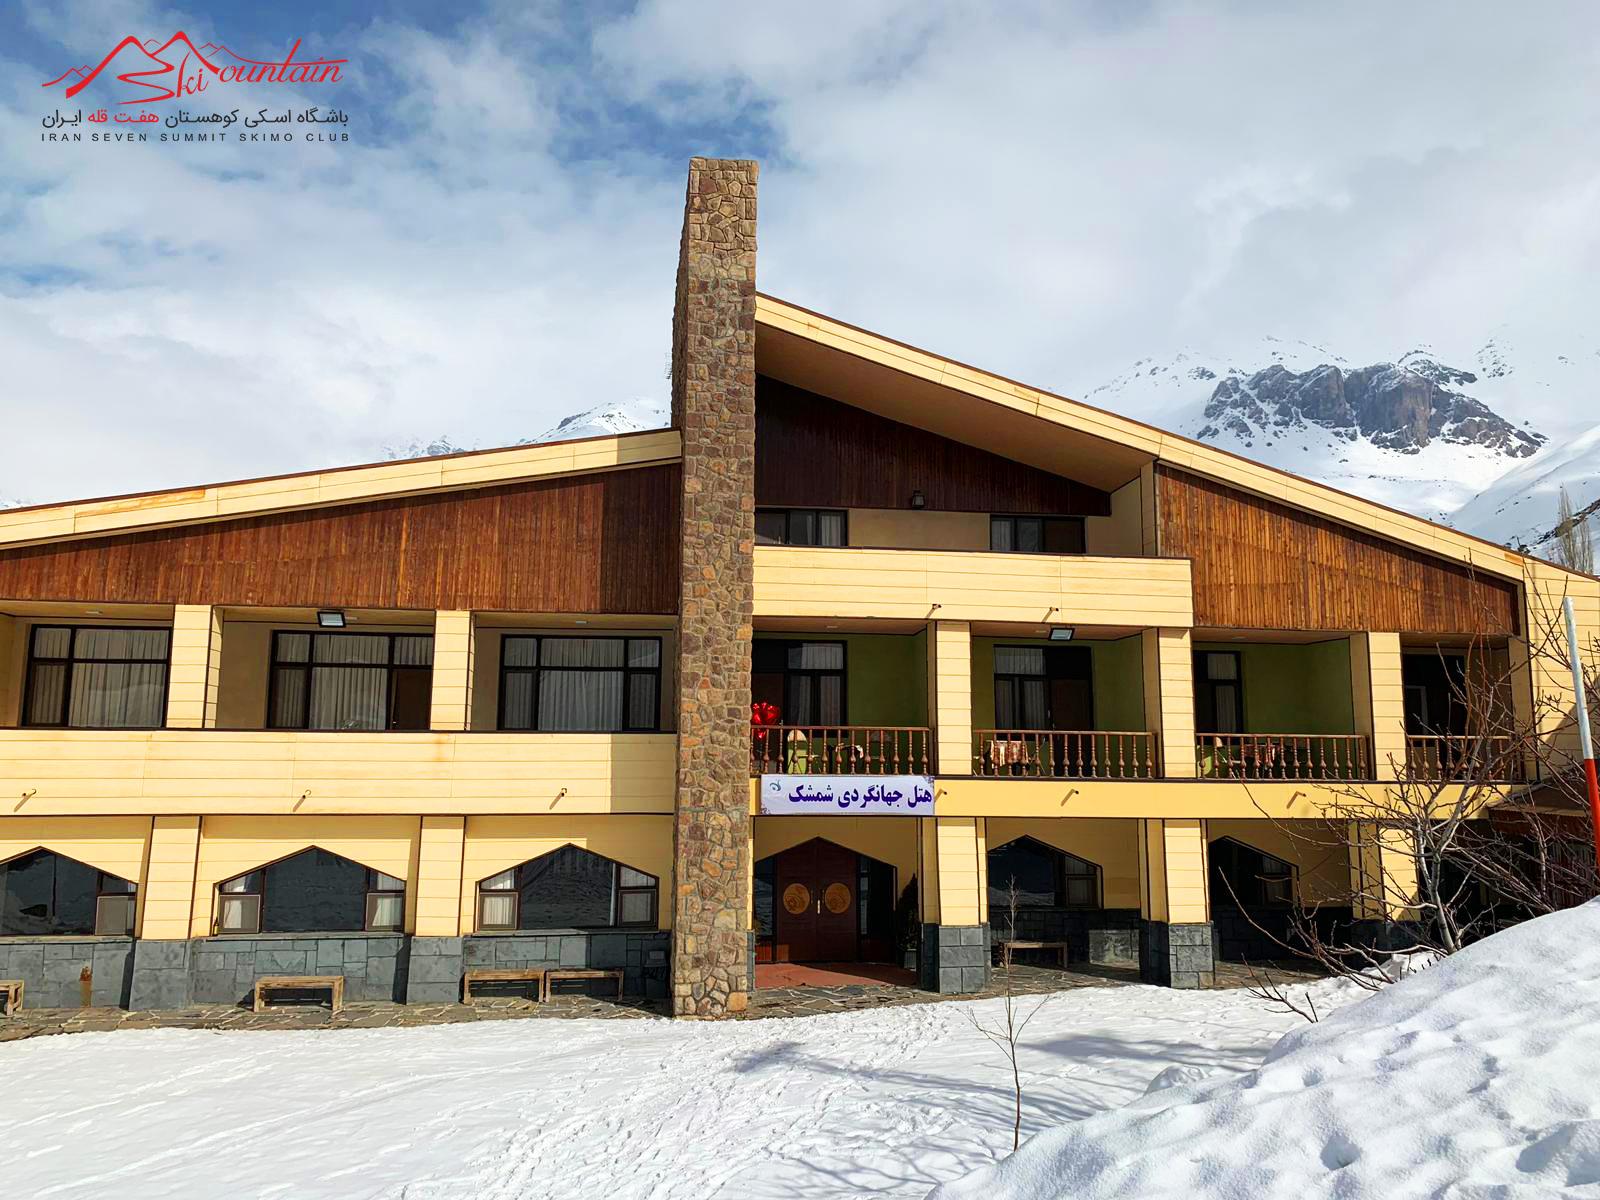 Shemshal Hotel